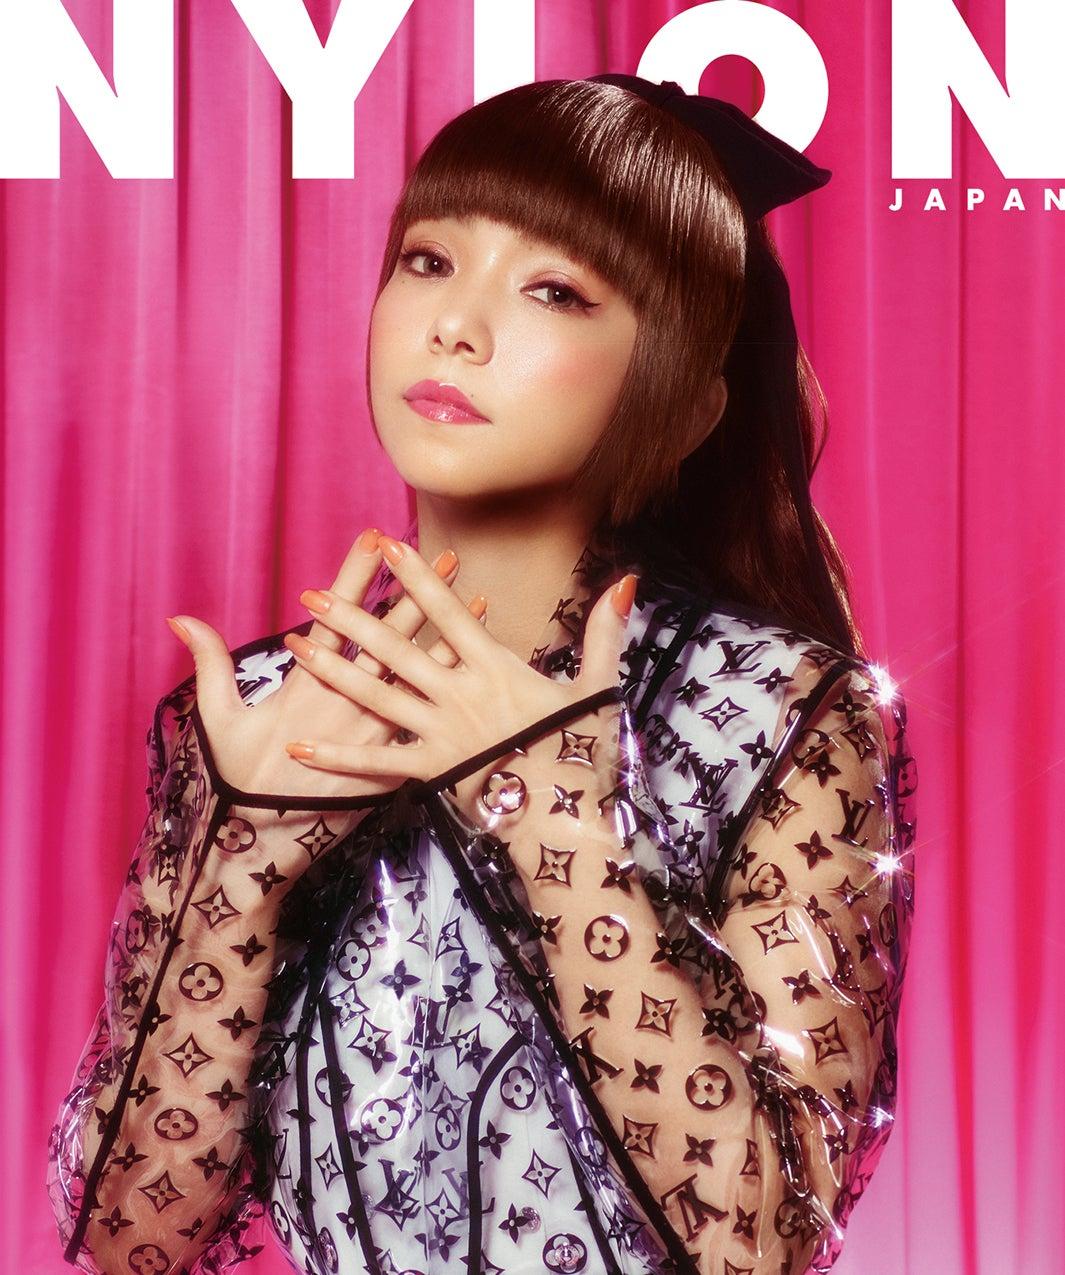 安室奈美恵、前髪ぱっつんドーリー姿が可愛すぎ